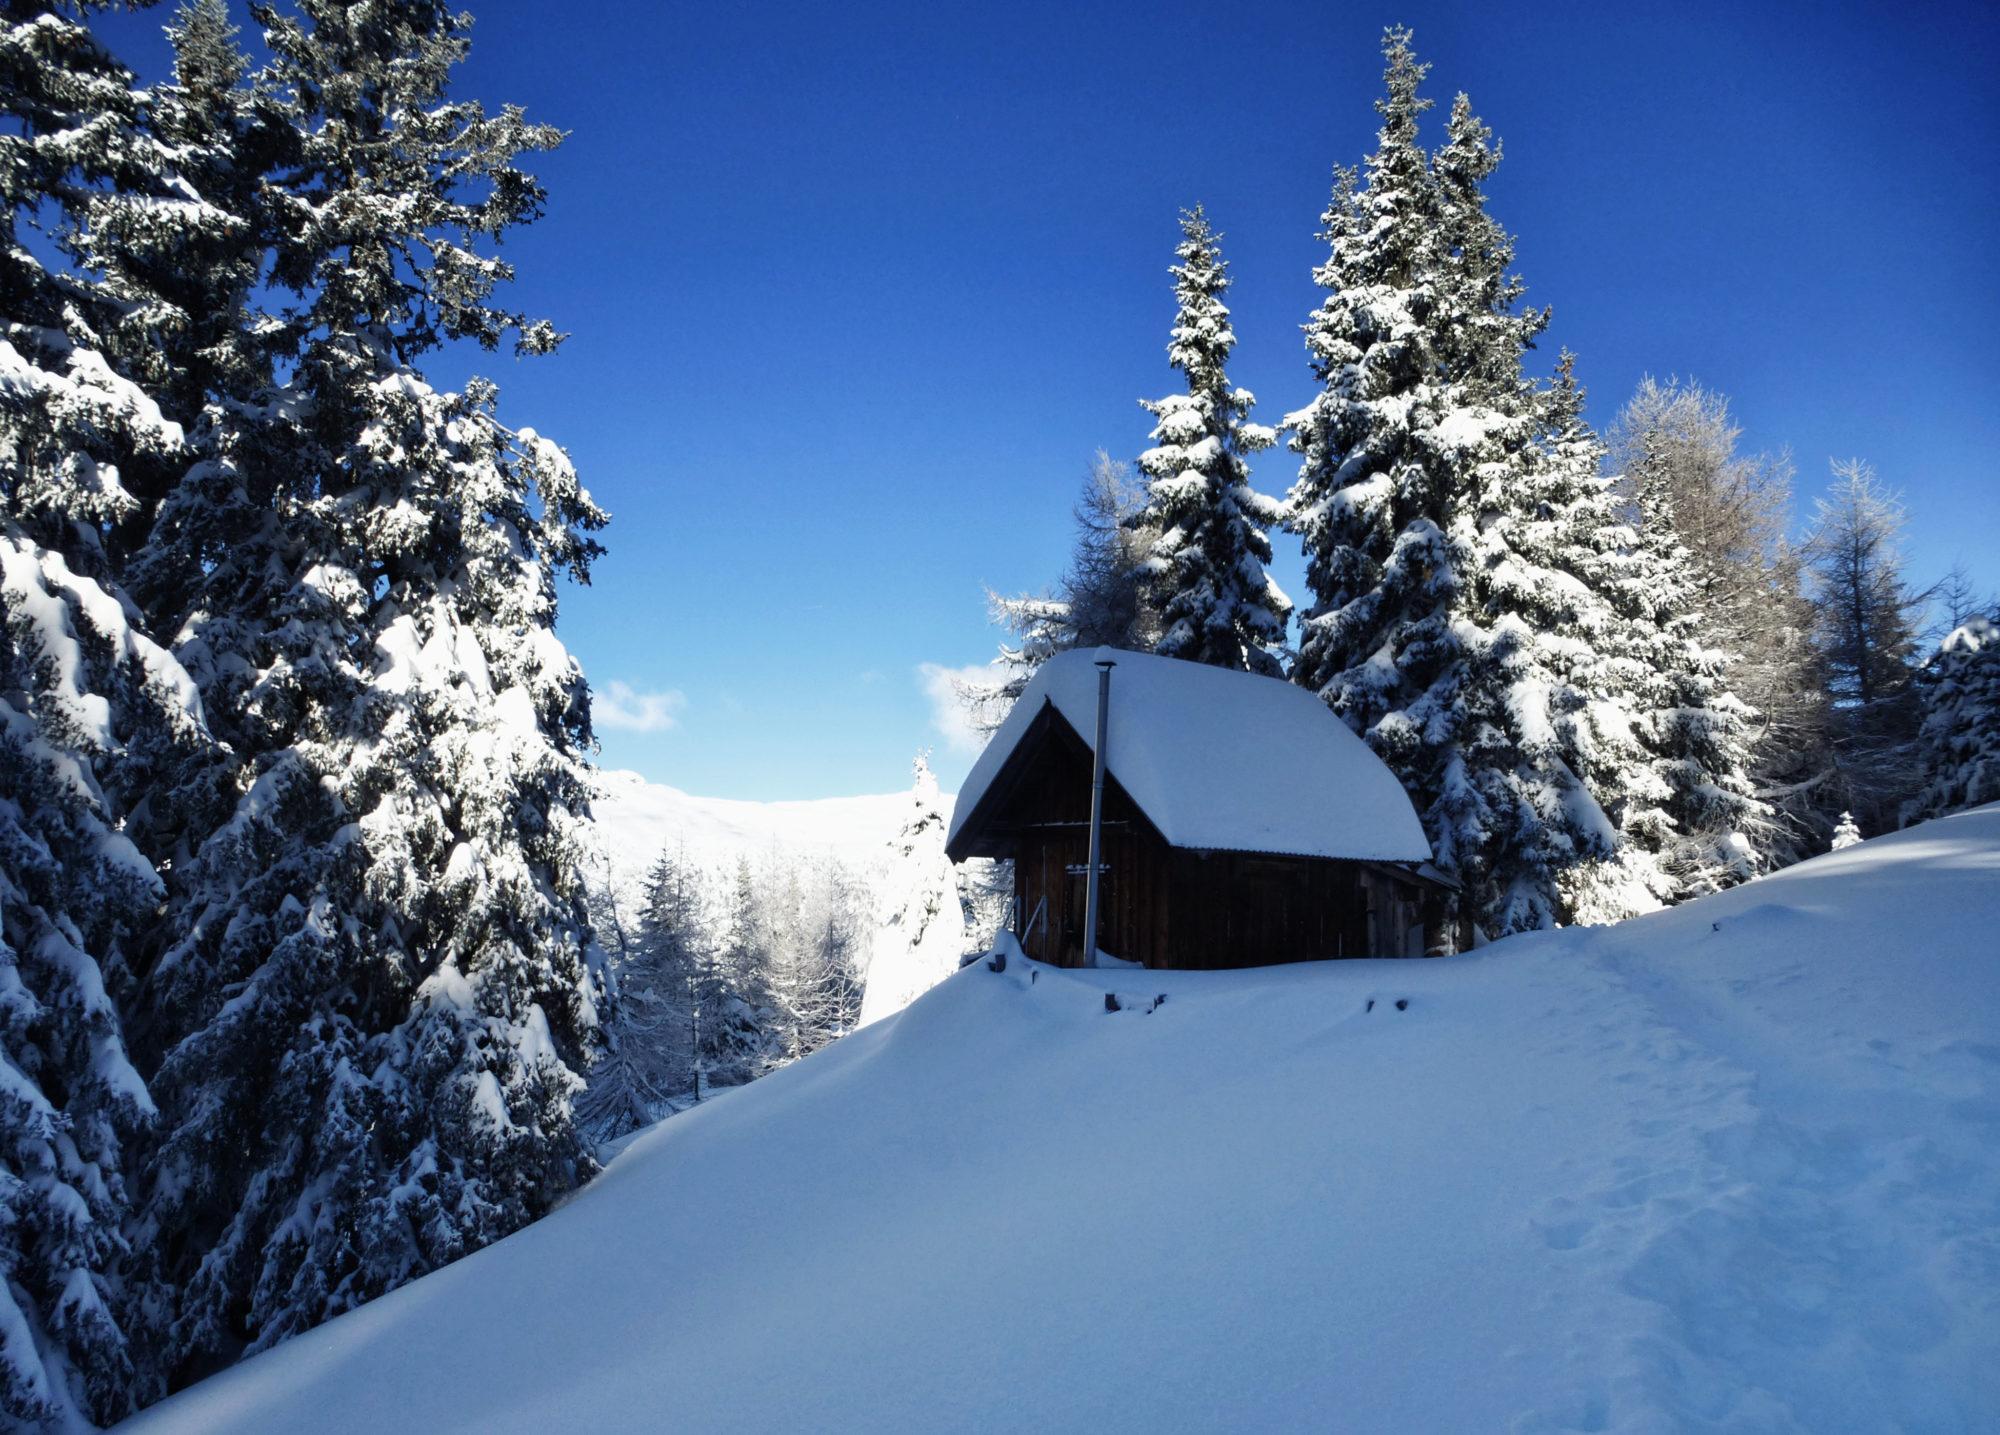 Schneeschuhwandern Pfad Hütte Sonne Bäume